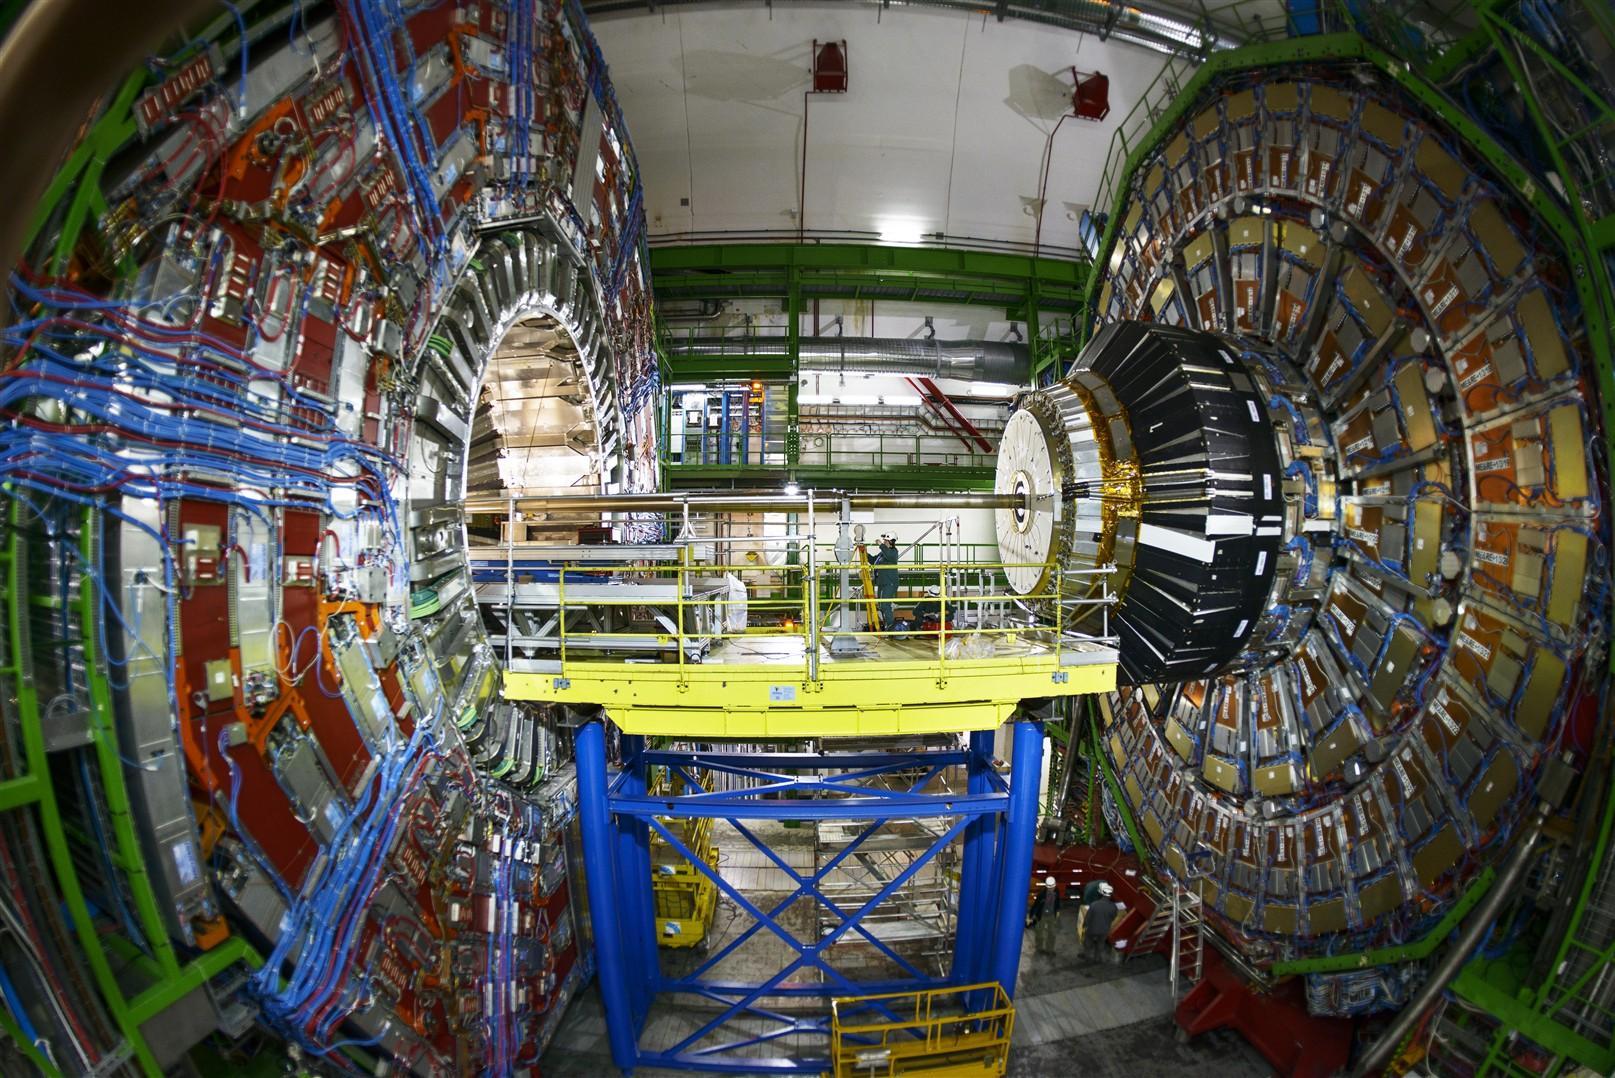 Verdens største partikkelakslelerator «Large Hadron Collider» har et nytt og historisk funn. Foto: Cern